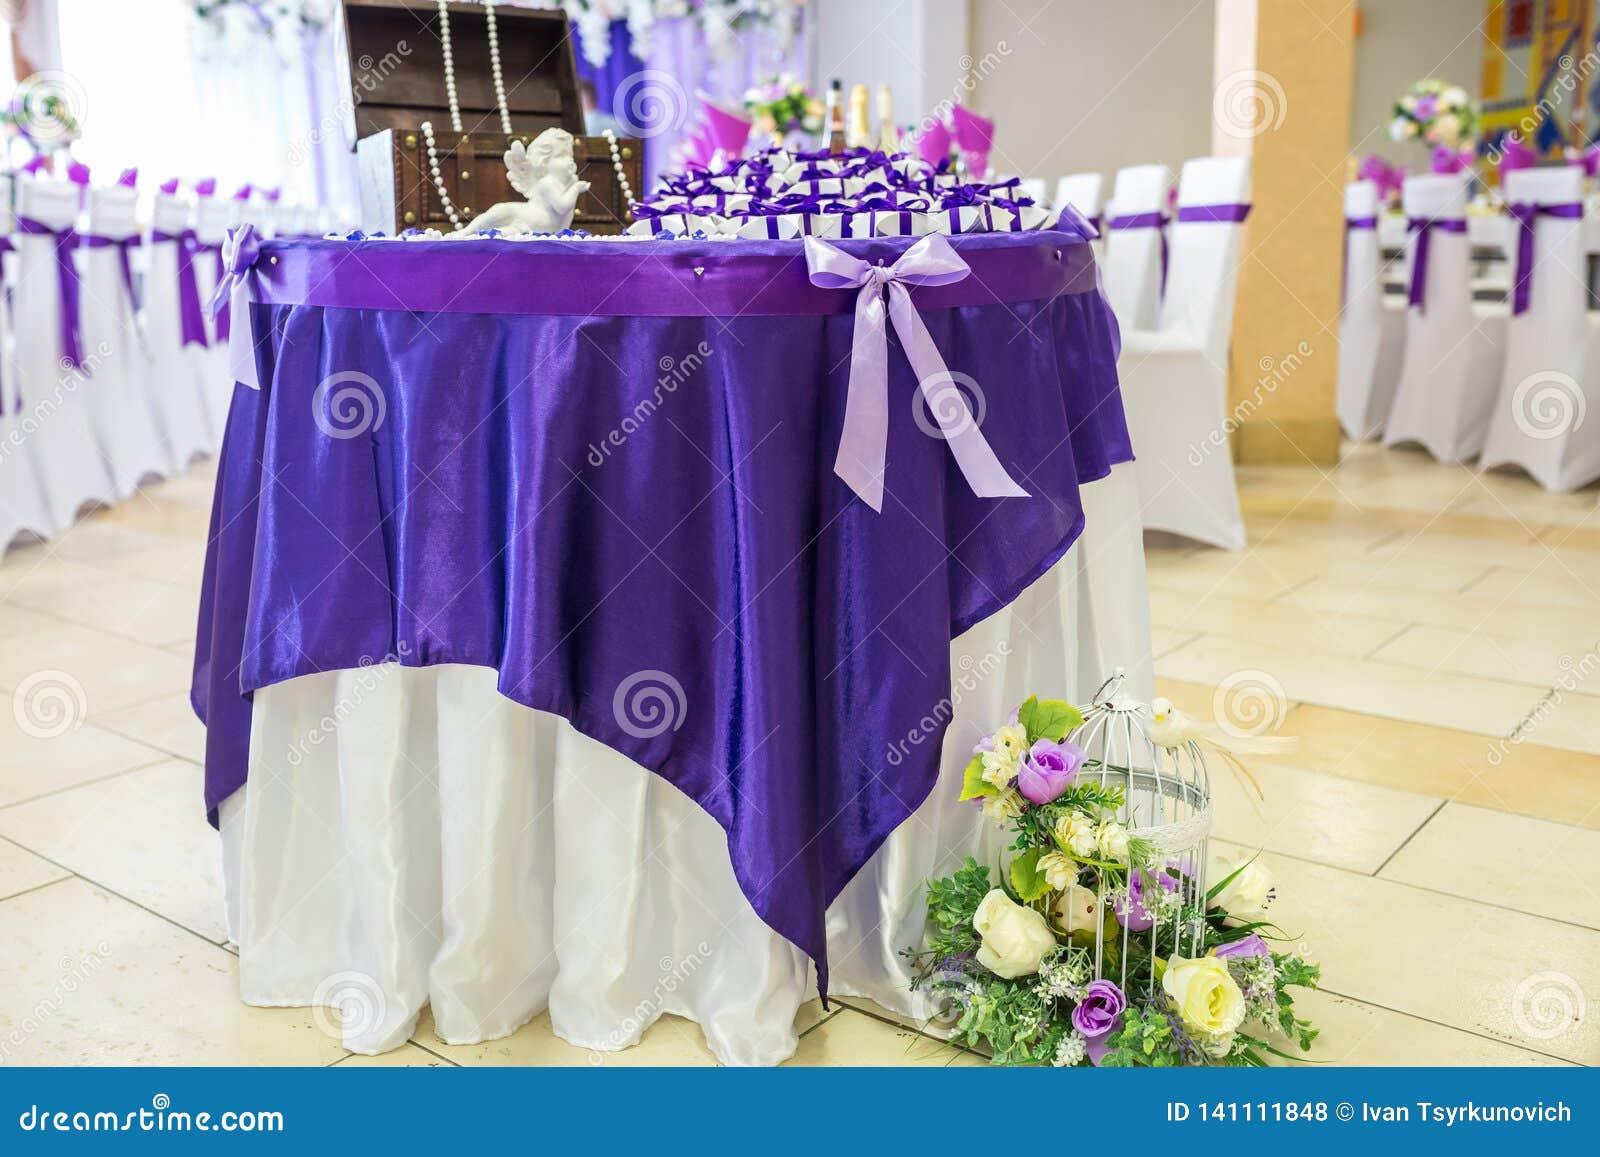 GRODNO, WEISSRUSSLAND - MAI 2014: Schöne Blumen auf elegantem Abendtische im Hochzeitstag Dekorationen dienten auf der festlichen